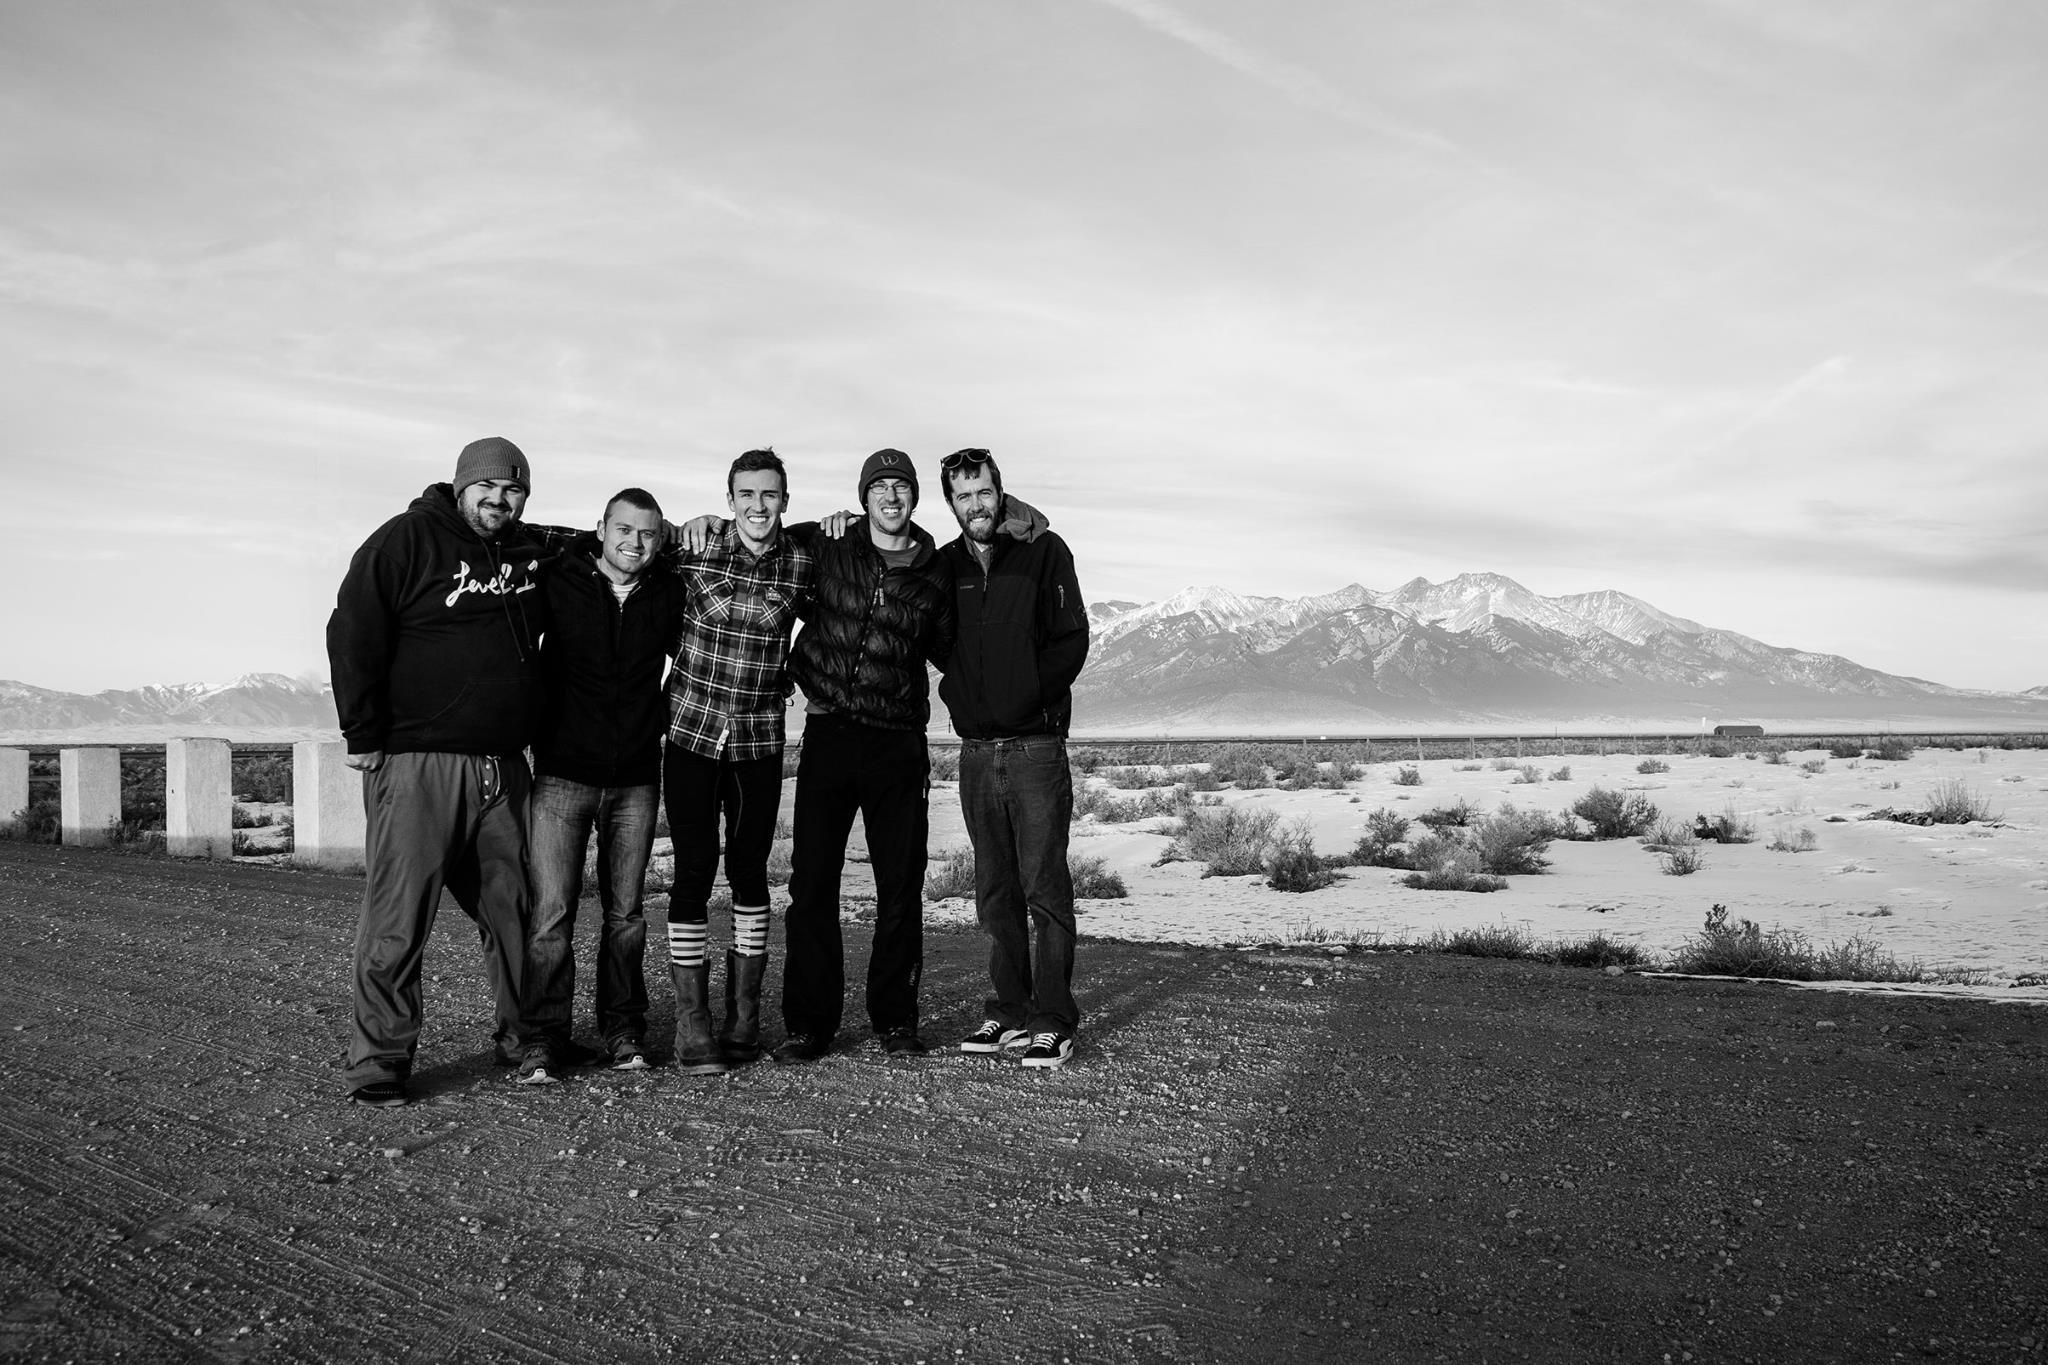 The boys of 421 N. Colorado